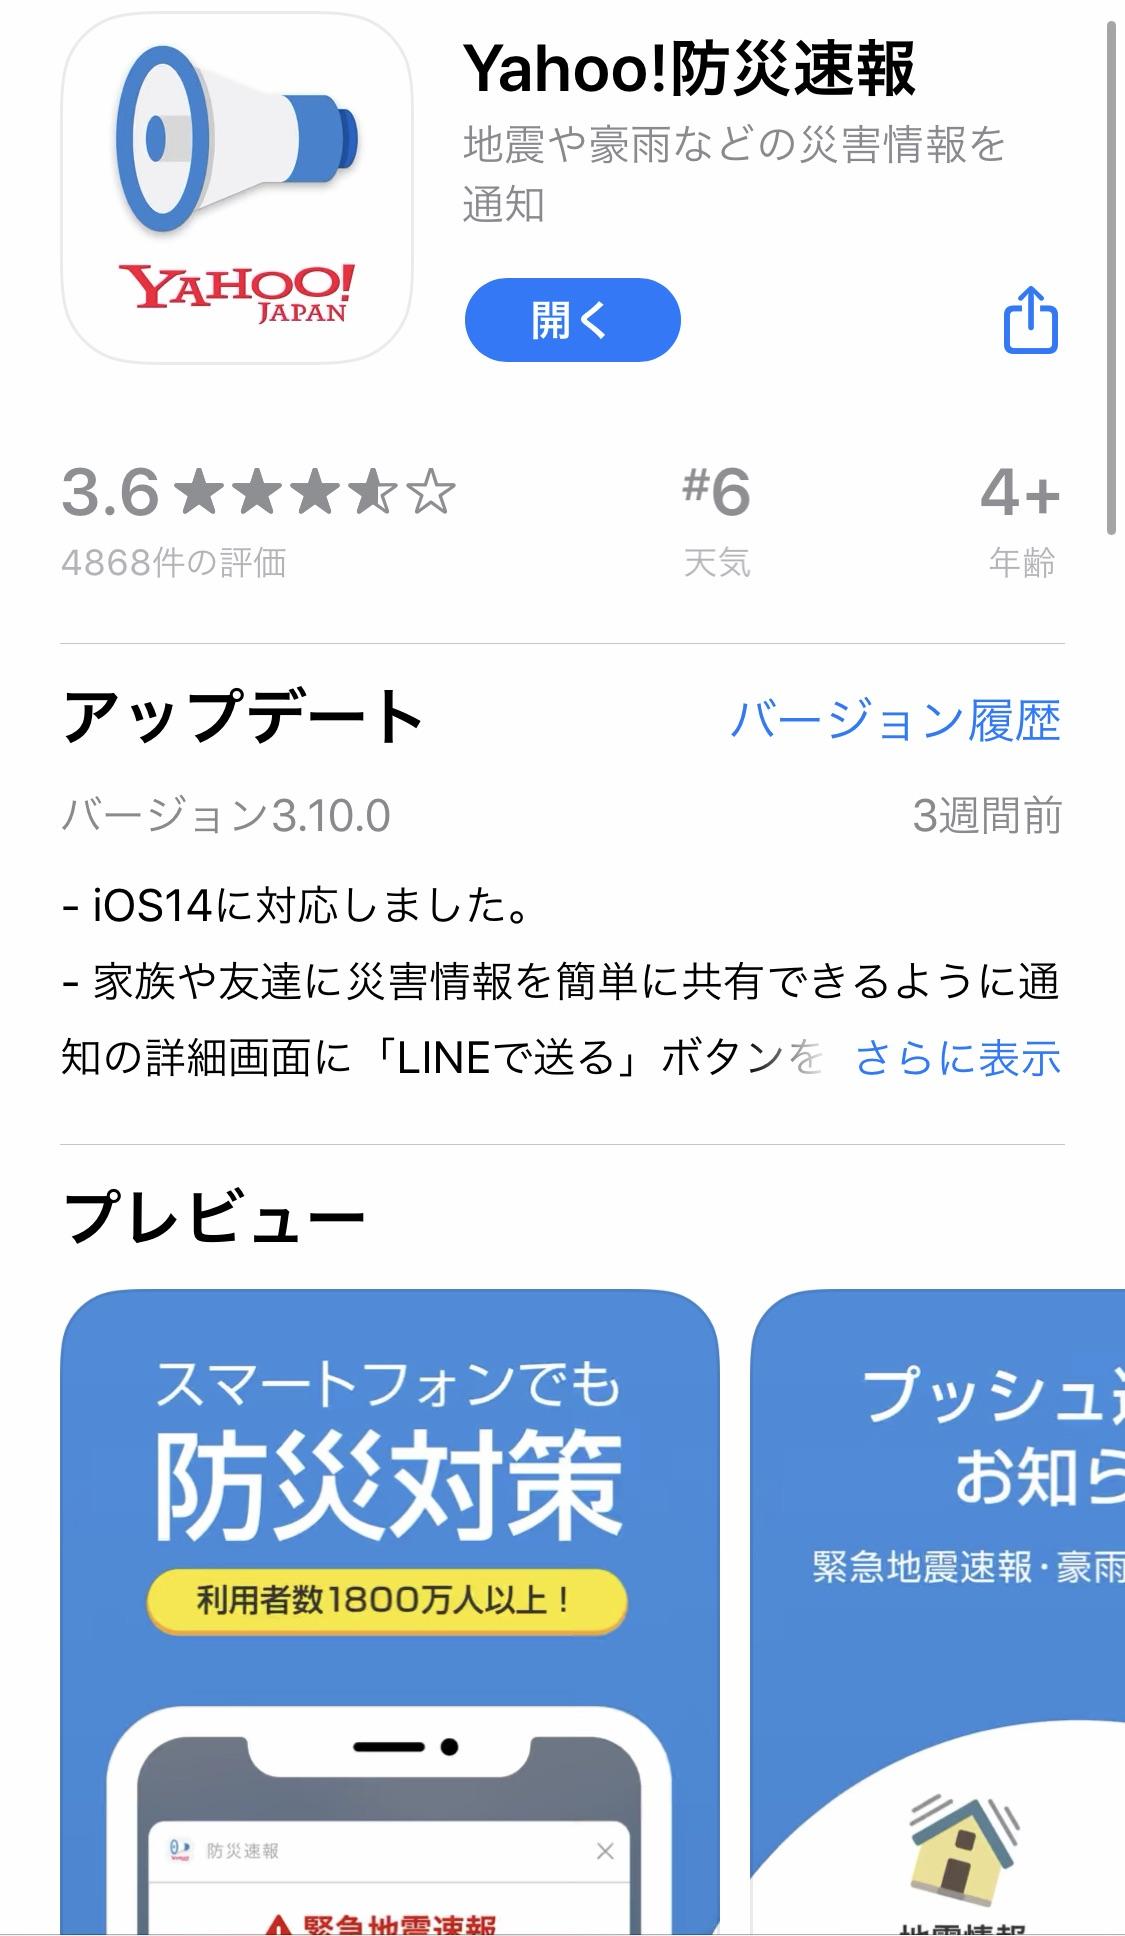 yahoo防災アプリをインフルエンサーがレポート